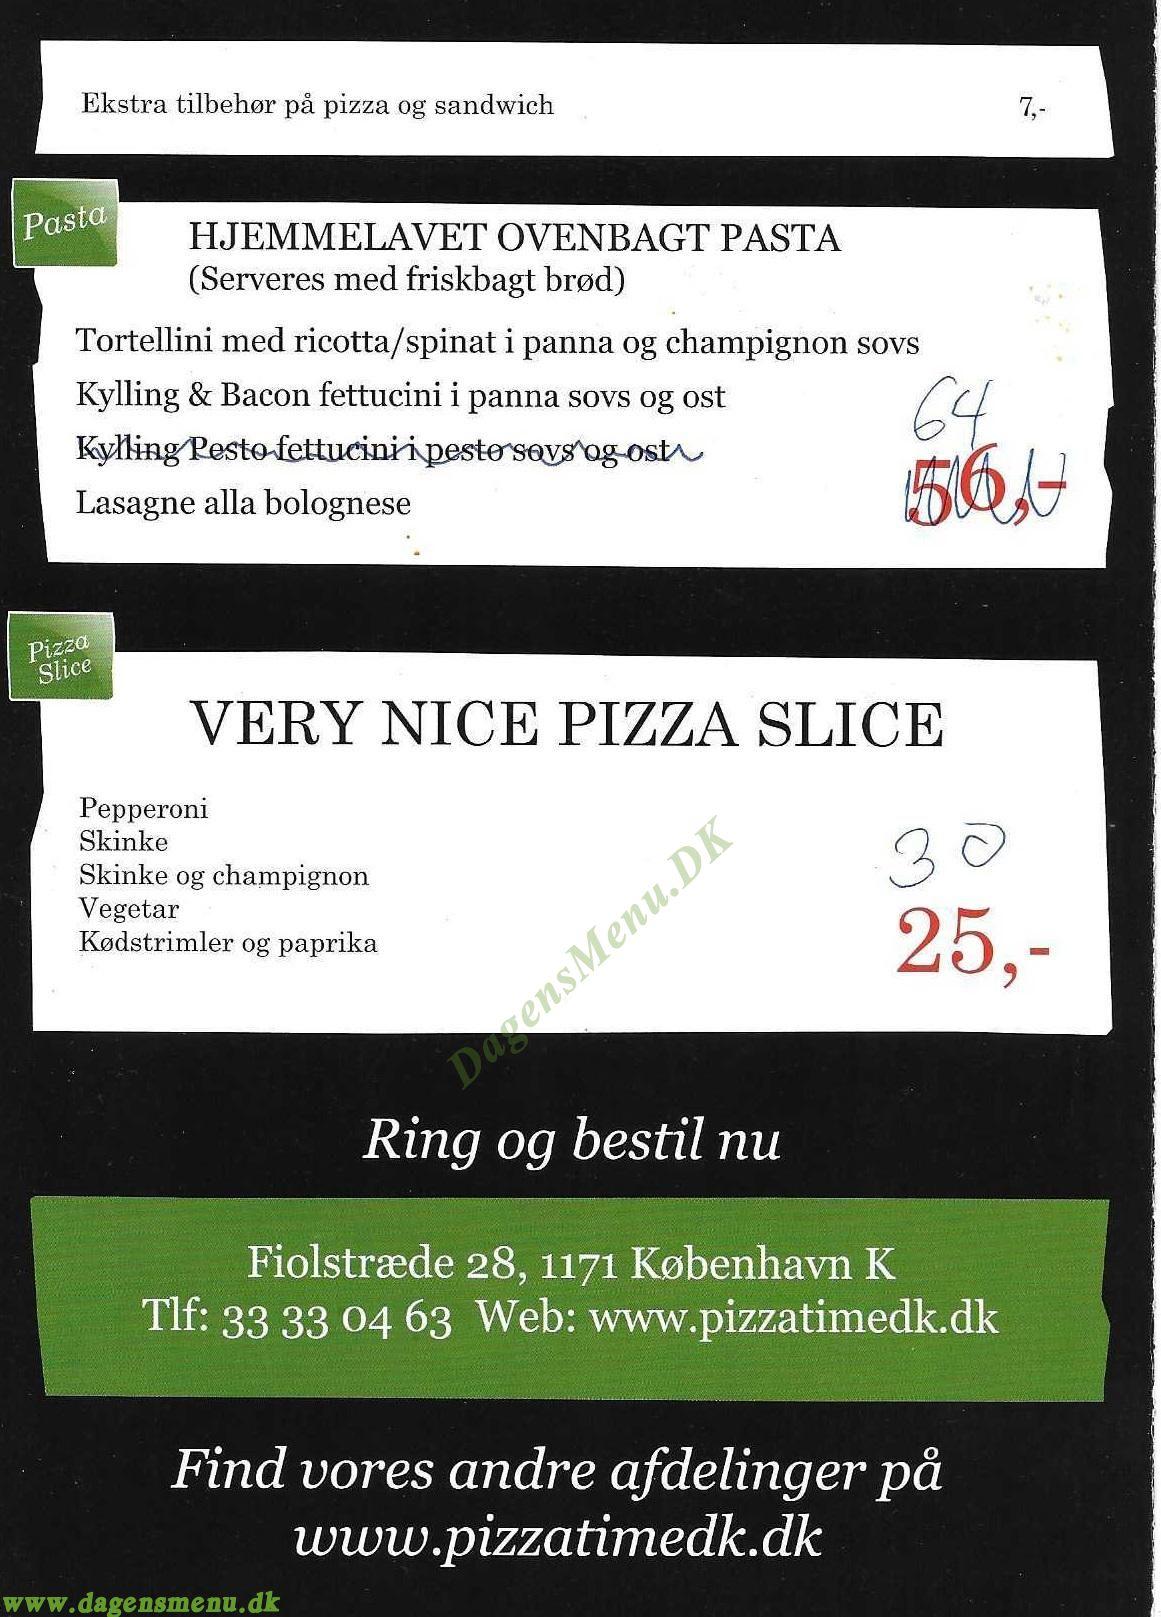 Pizza Time Fiolstræde - Menukort